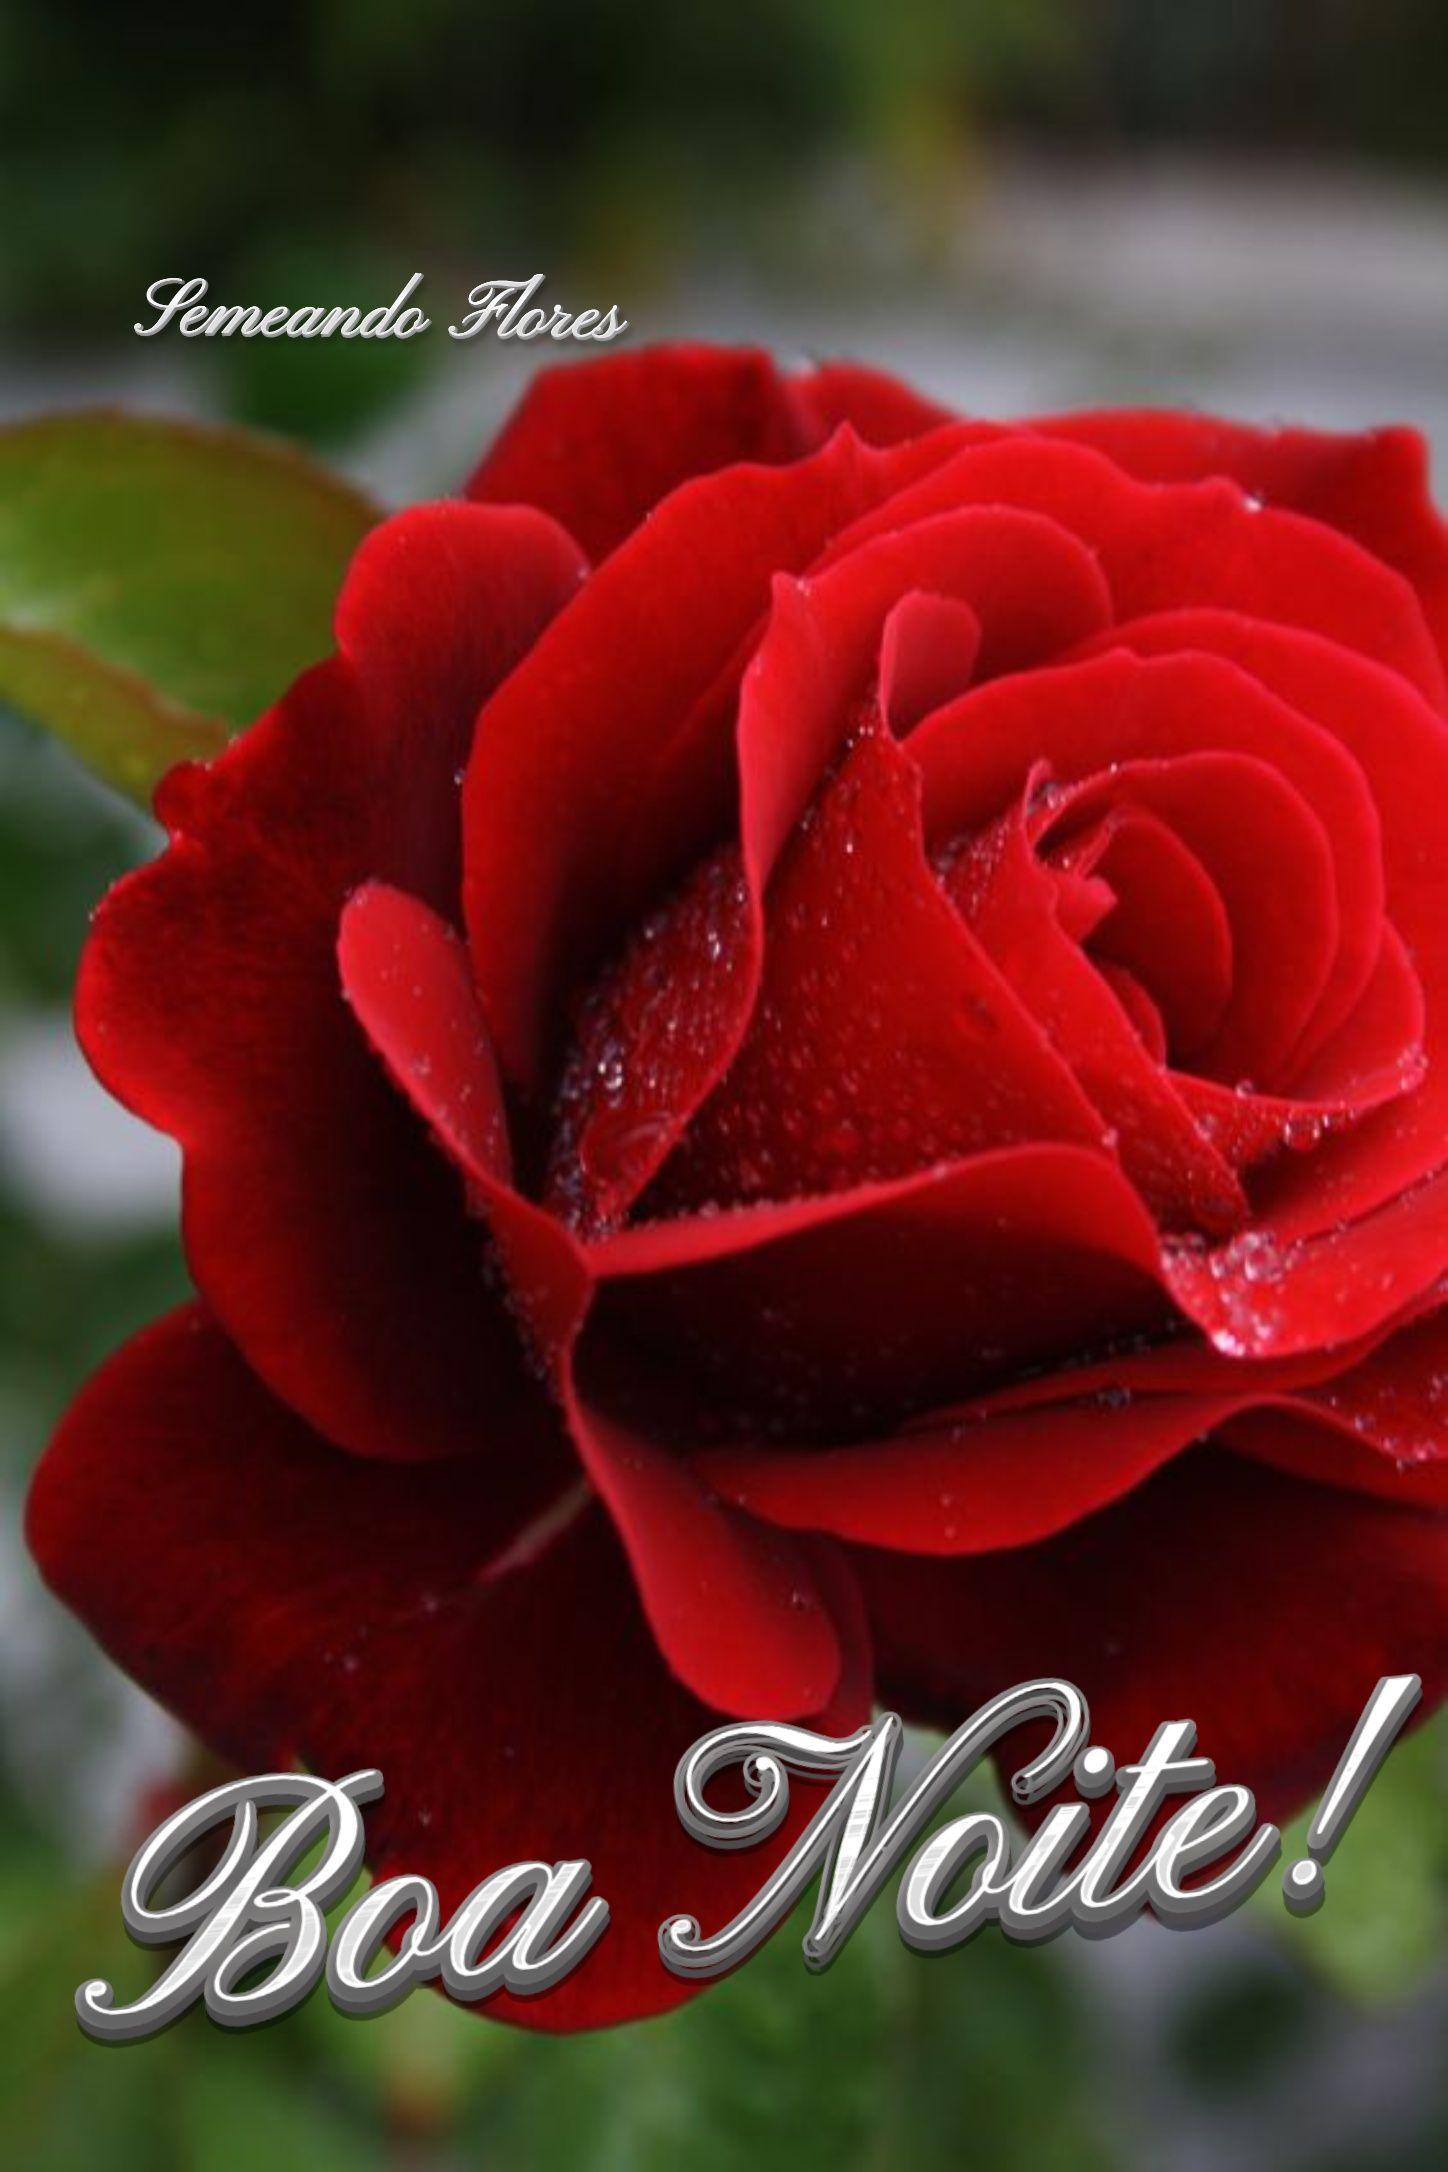 Pin De Thelma Morais Em Boa Noite Rosas Vermelhas Rosas Bela Rosa